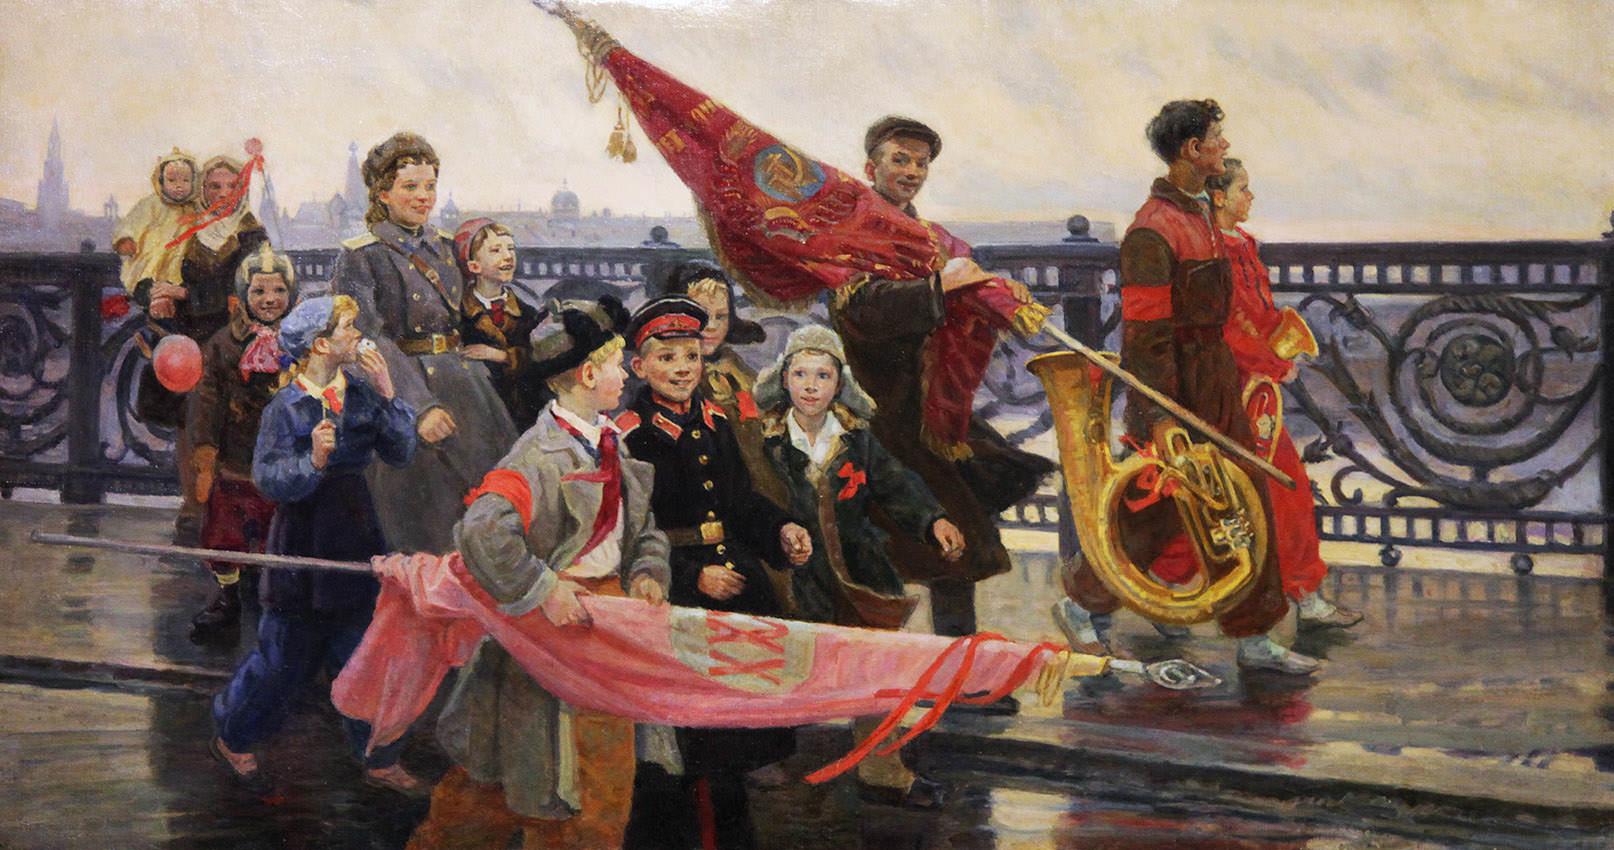 Мочальский, Дмитрий Константинович 1908 - 1988. После демонстрации. Они видели Сталина. 1949. Государственная Третьяковская галерея, Москва